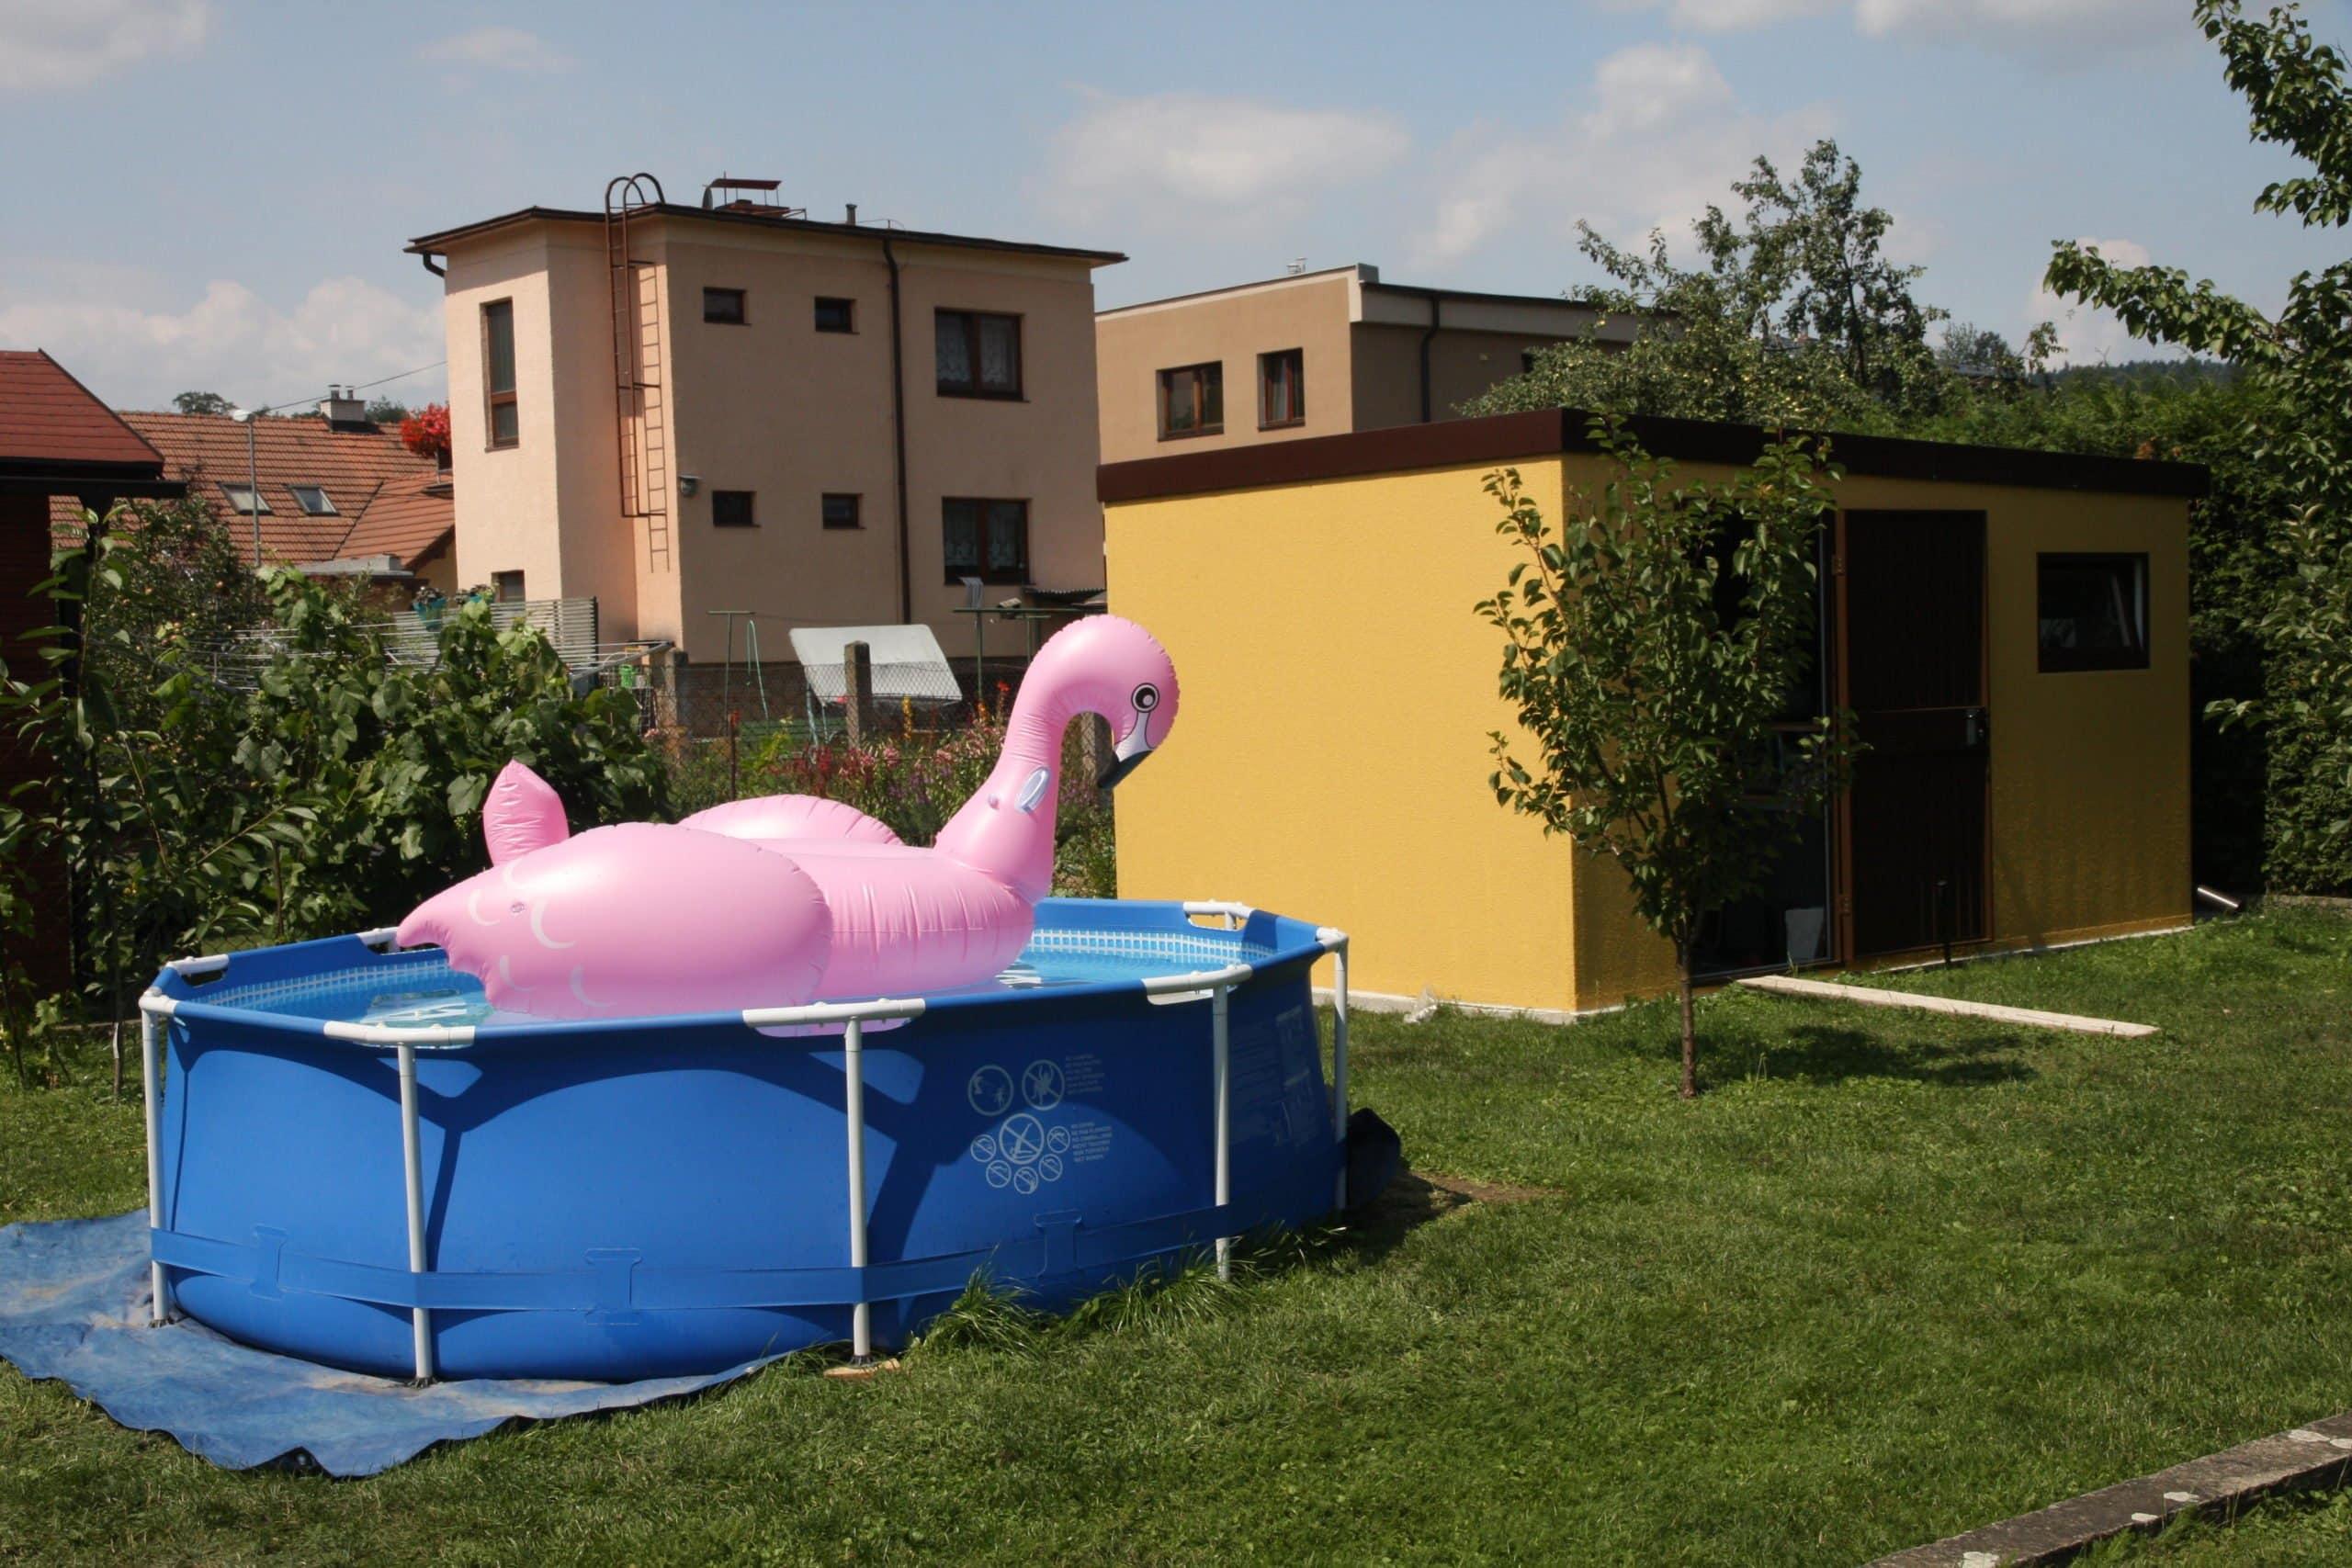 Záhradný domček pri bazéne pre deti